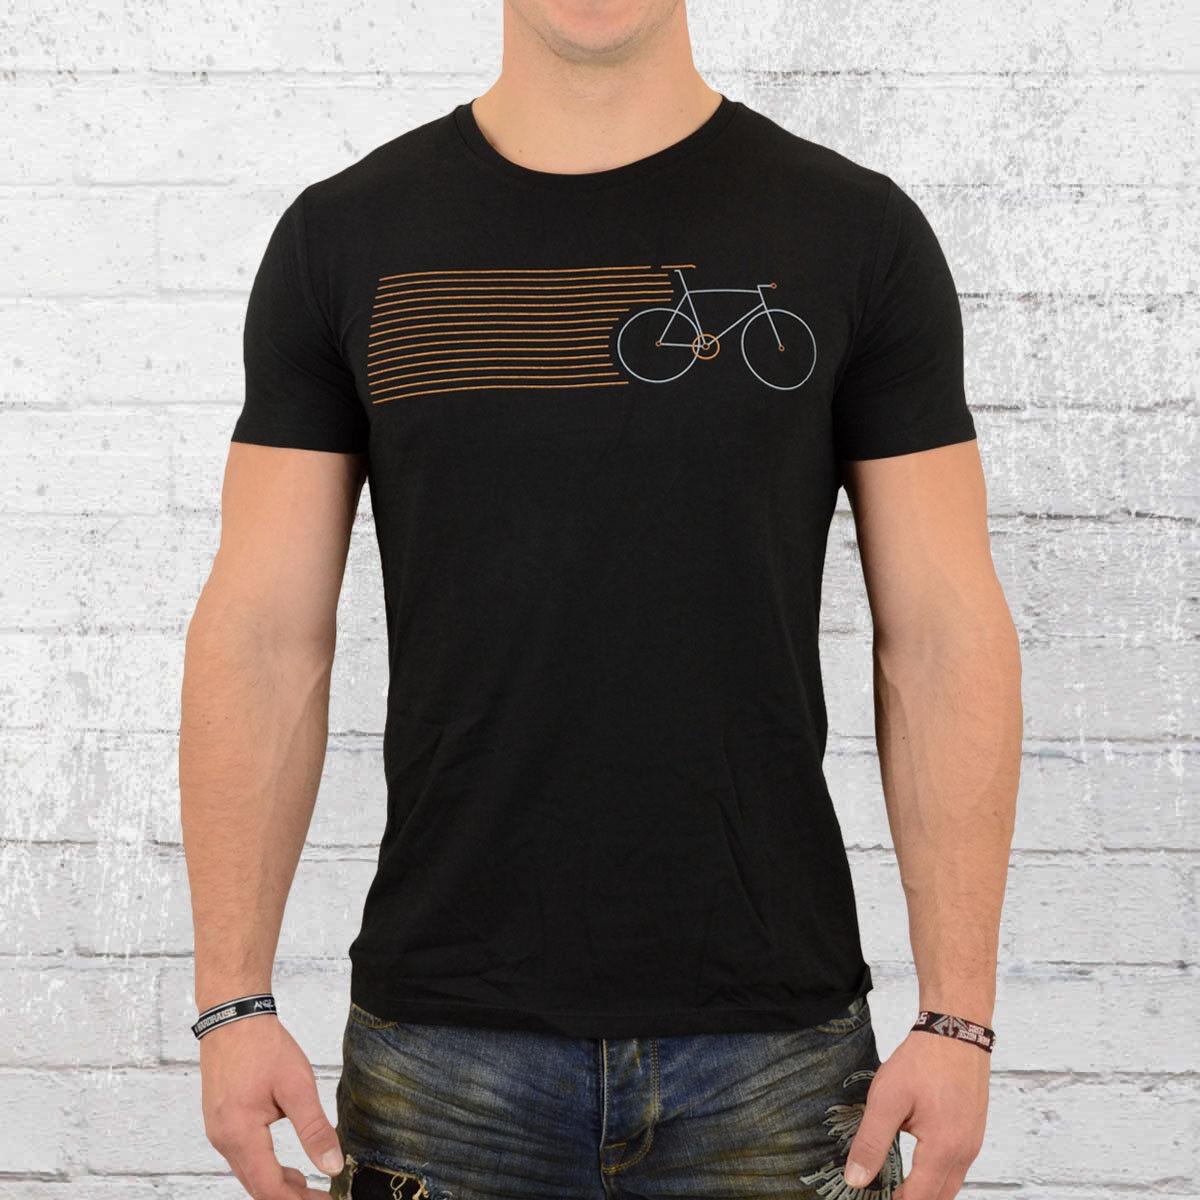 Grünbomb Herren T-Shirt Bike Stripes schwarz Männer Tshirt Fahrrad Bicycle   Sehr gute Qualität    Klein und fein    Vielfältiges neues Design